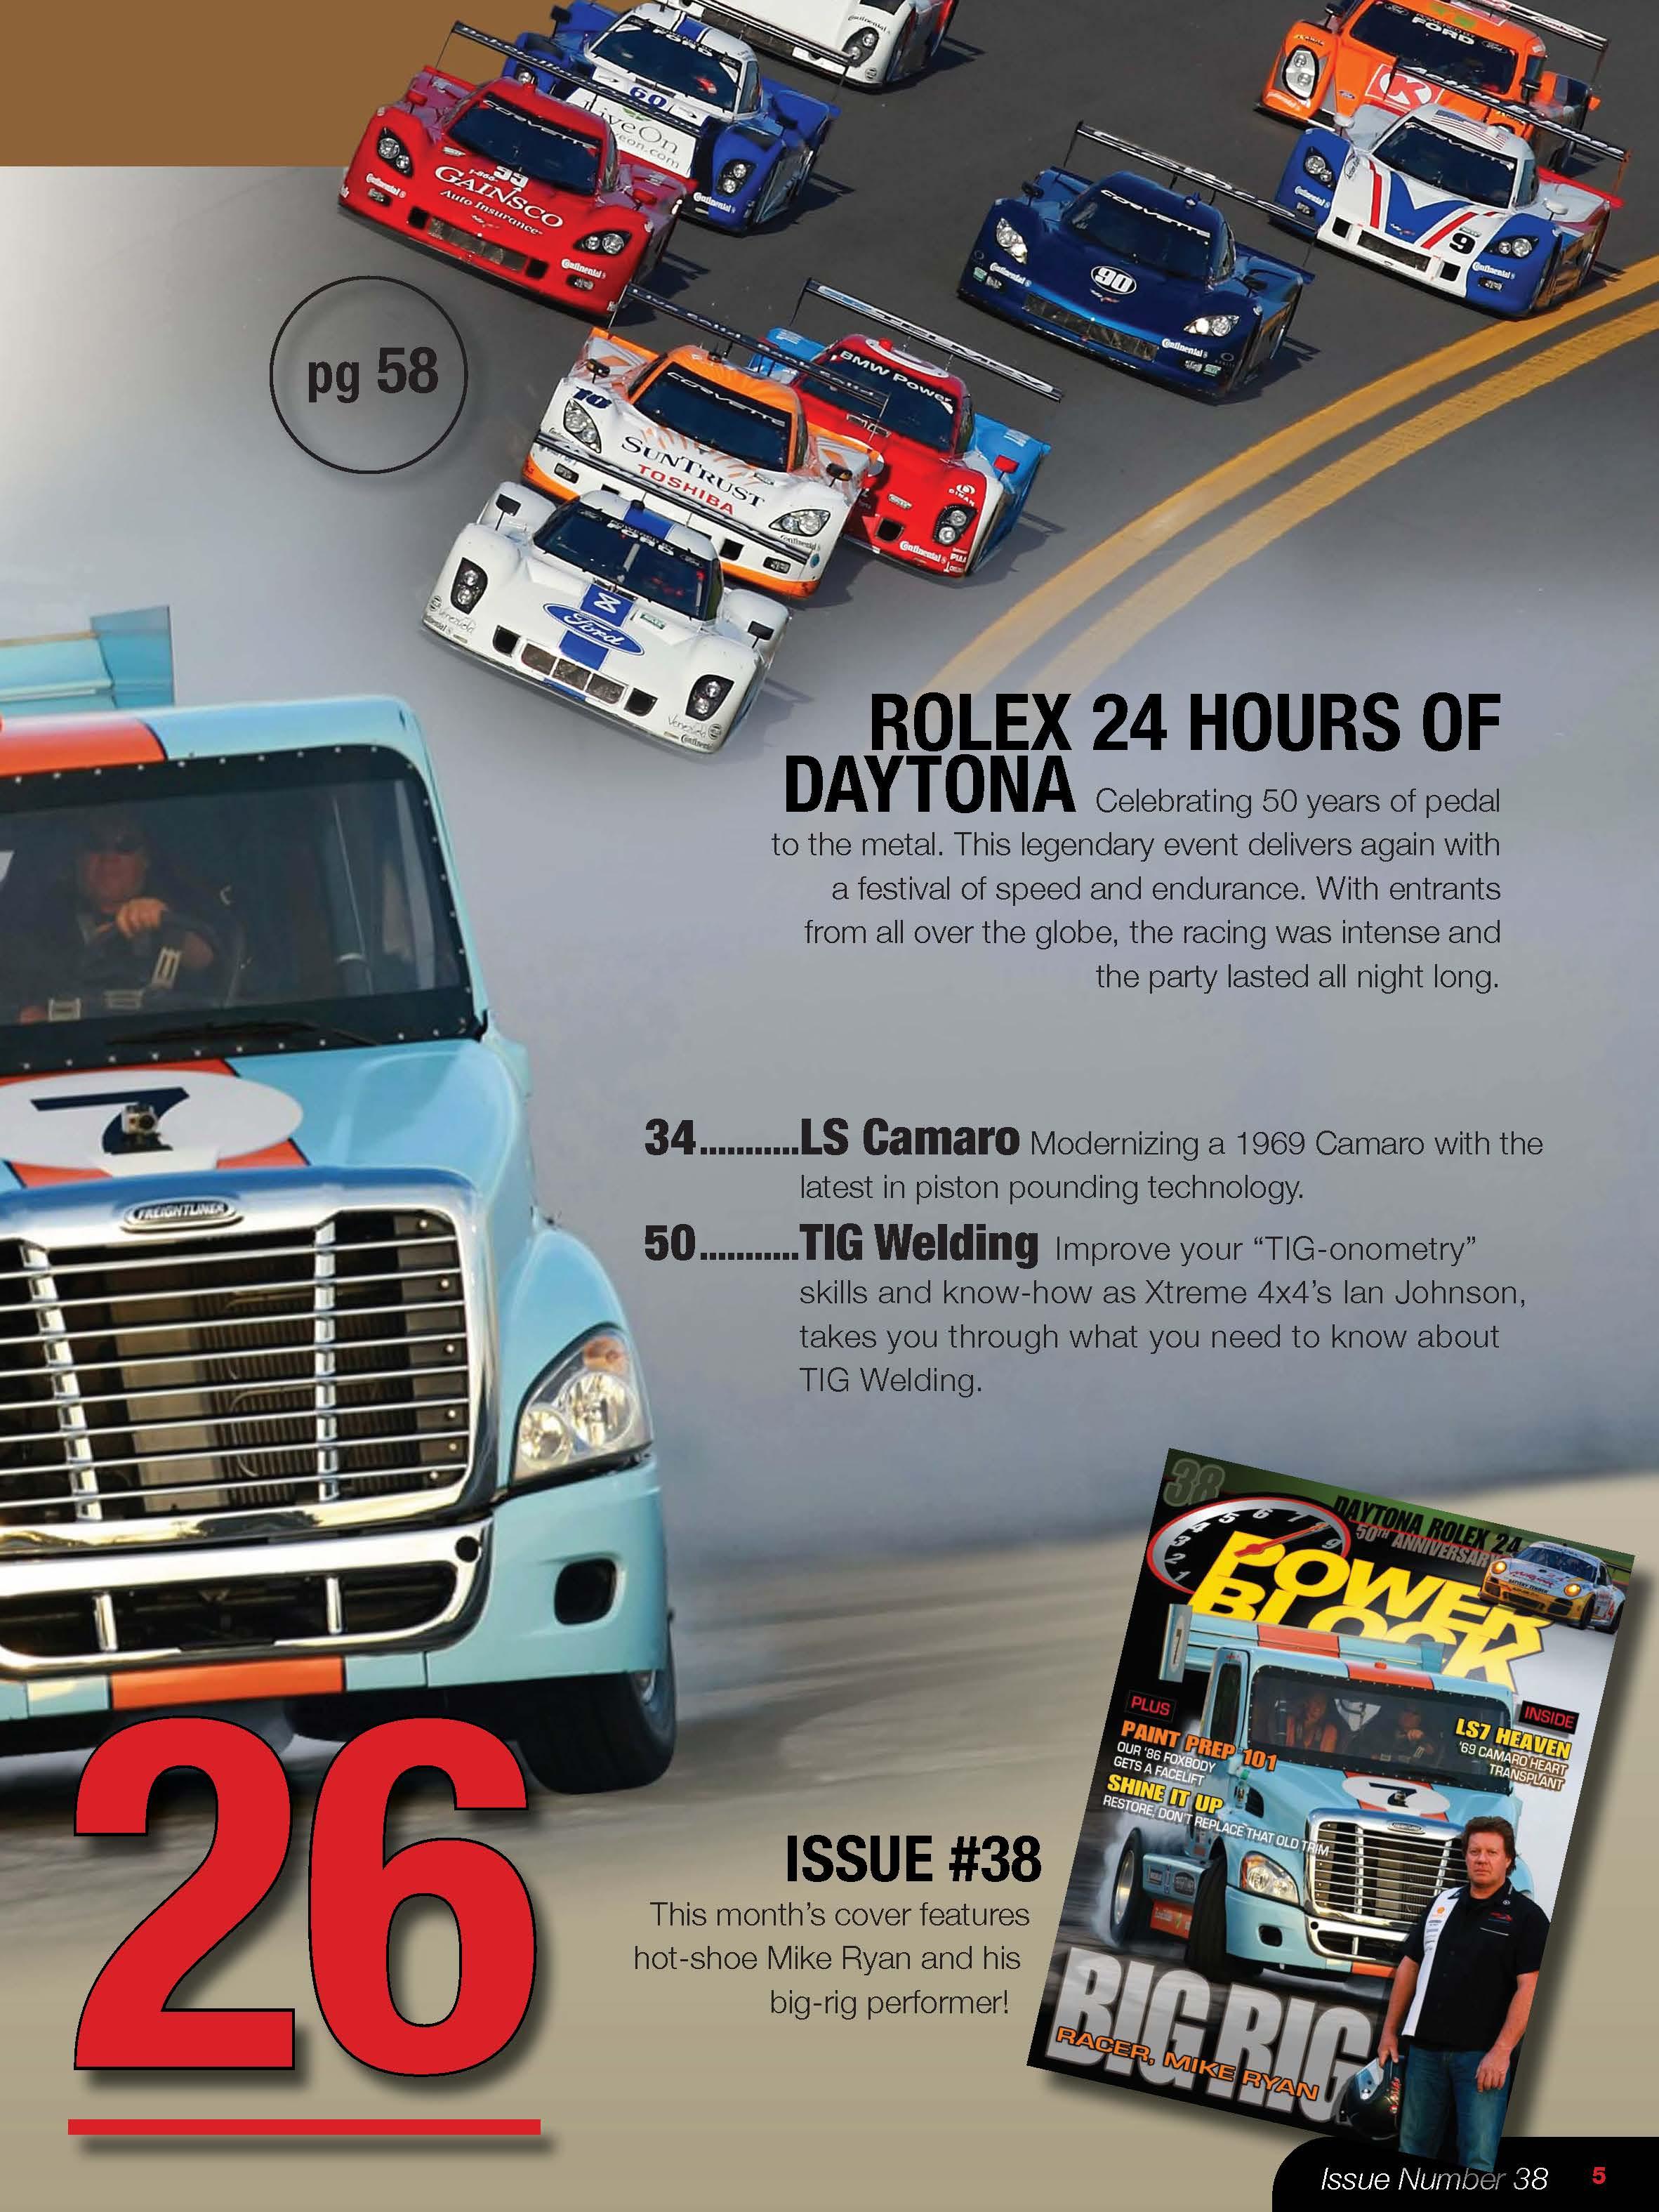 powerblockmagazine_issue38_rolex24_Page_03.jpg